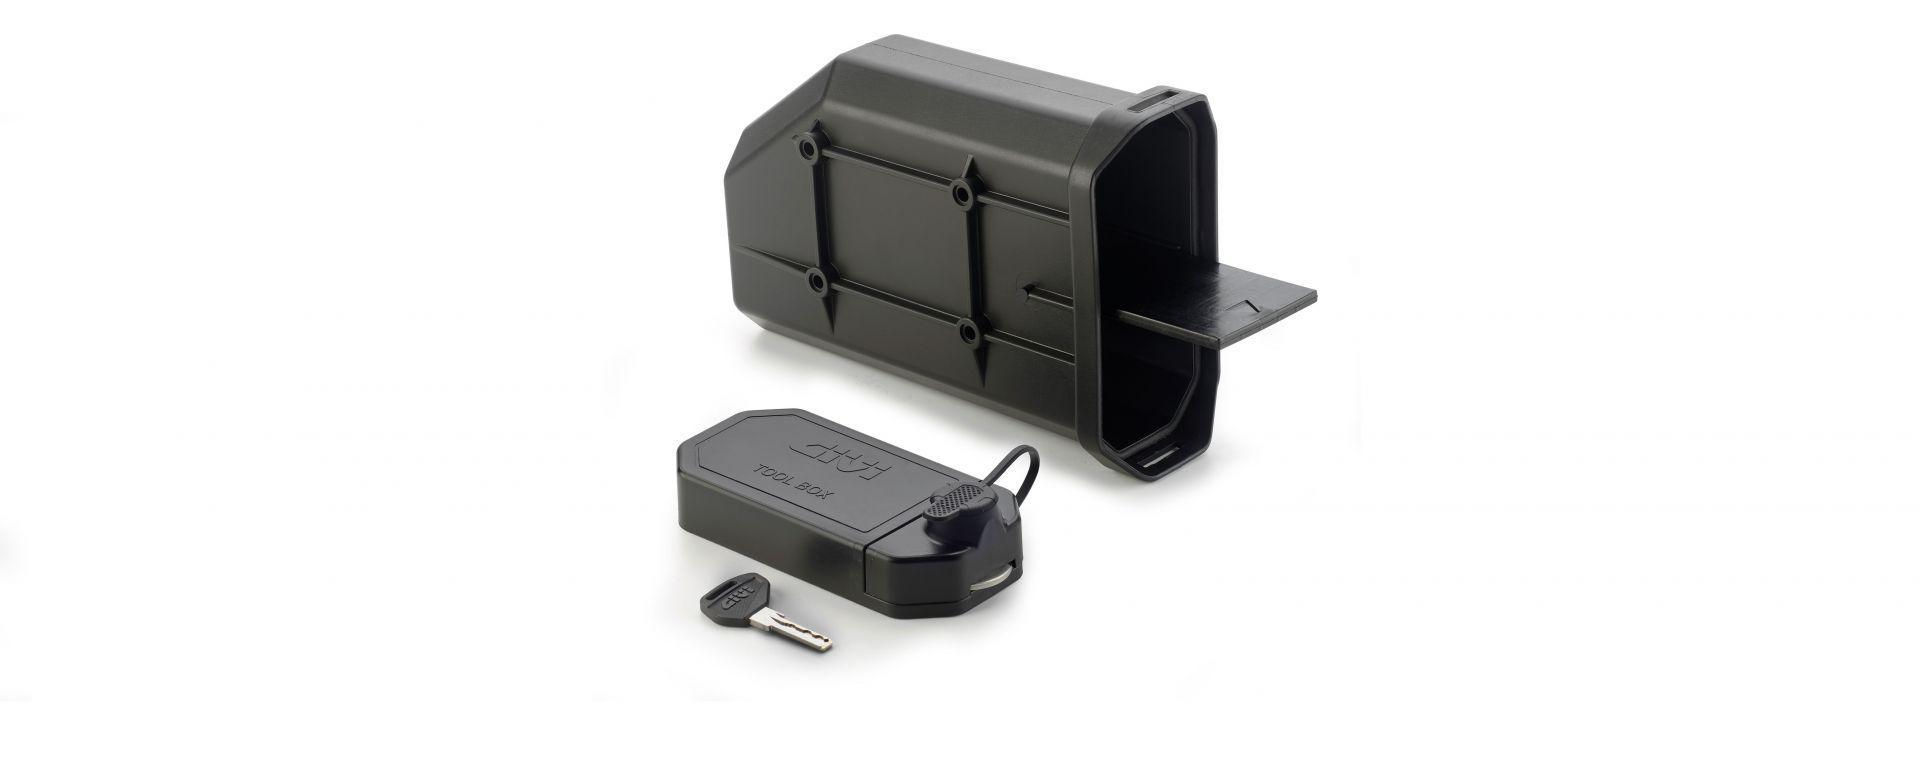 Givi S250 Tool box: la cassetta impermeabile porta attrezzi e ricambi